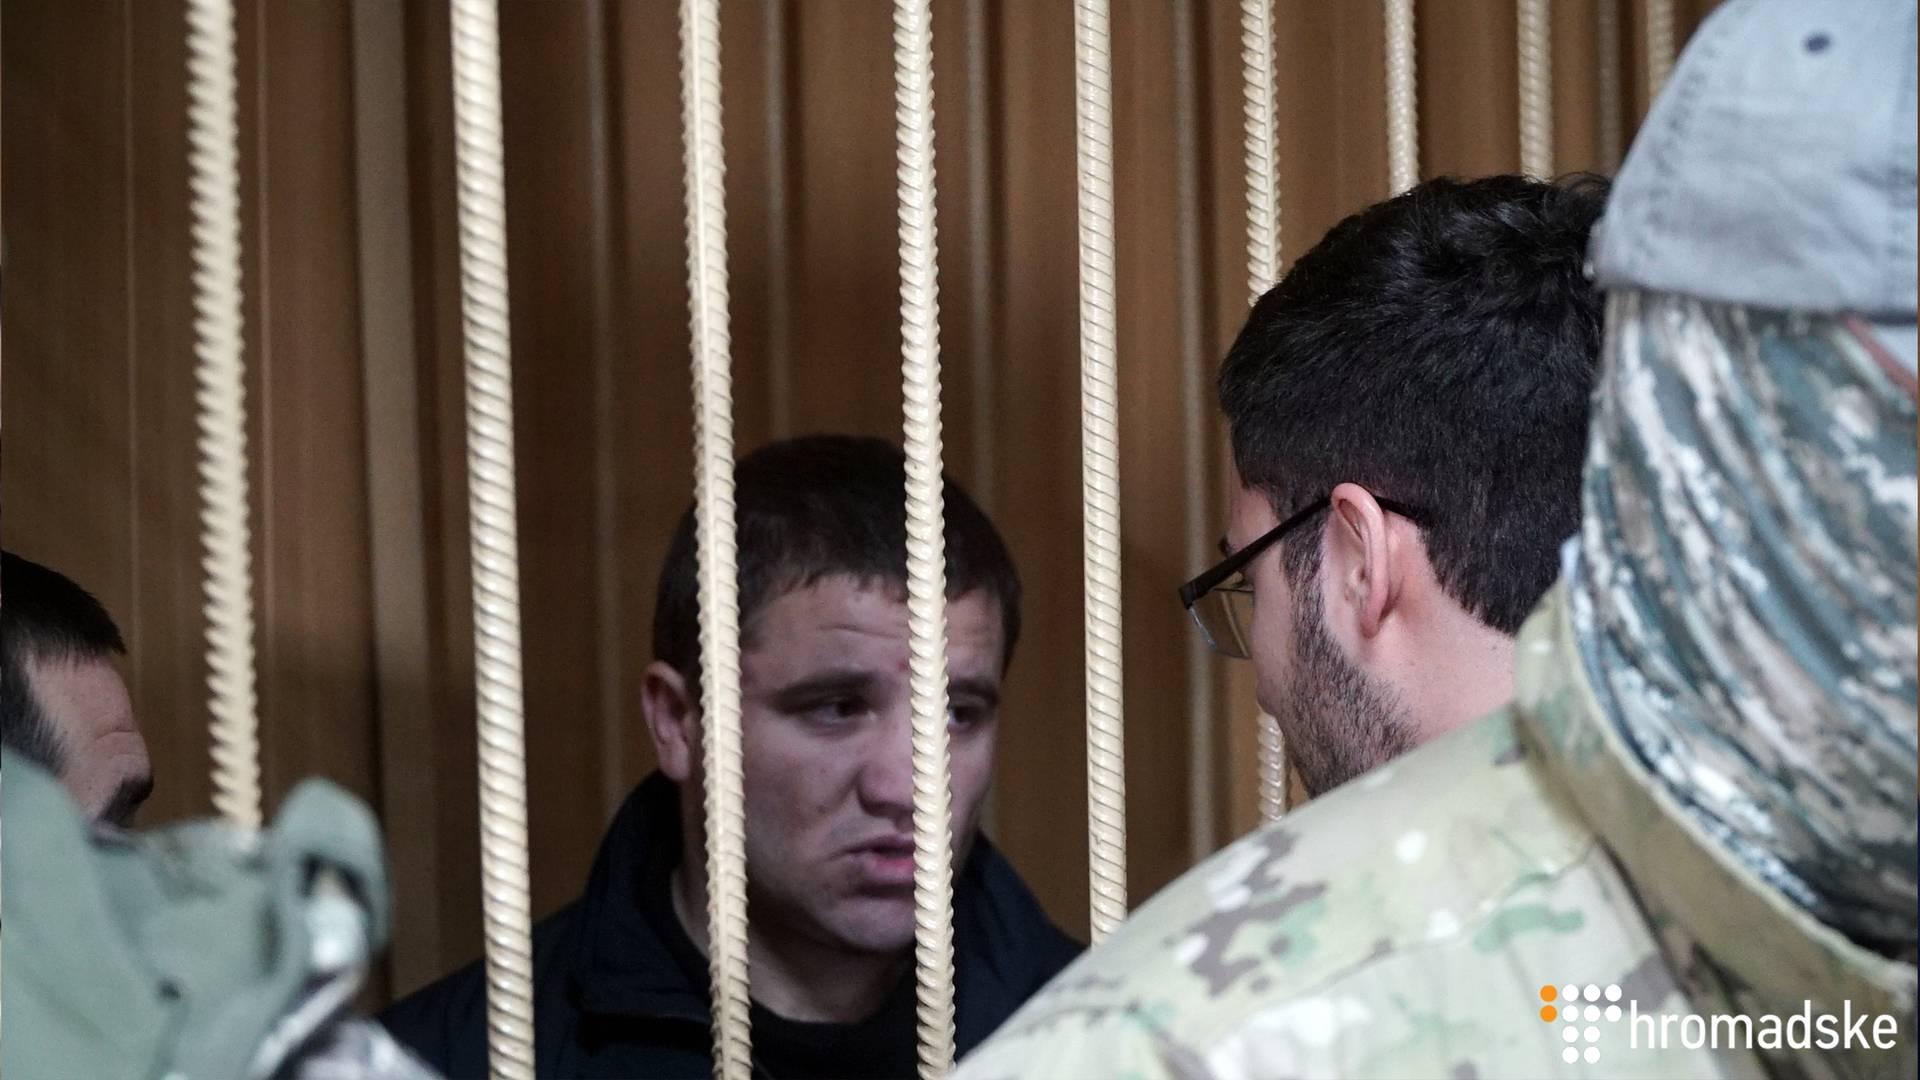 Український полонений моряк Володимир Варимез у Лефортовському суді Москви, 15 січня 2018 року